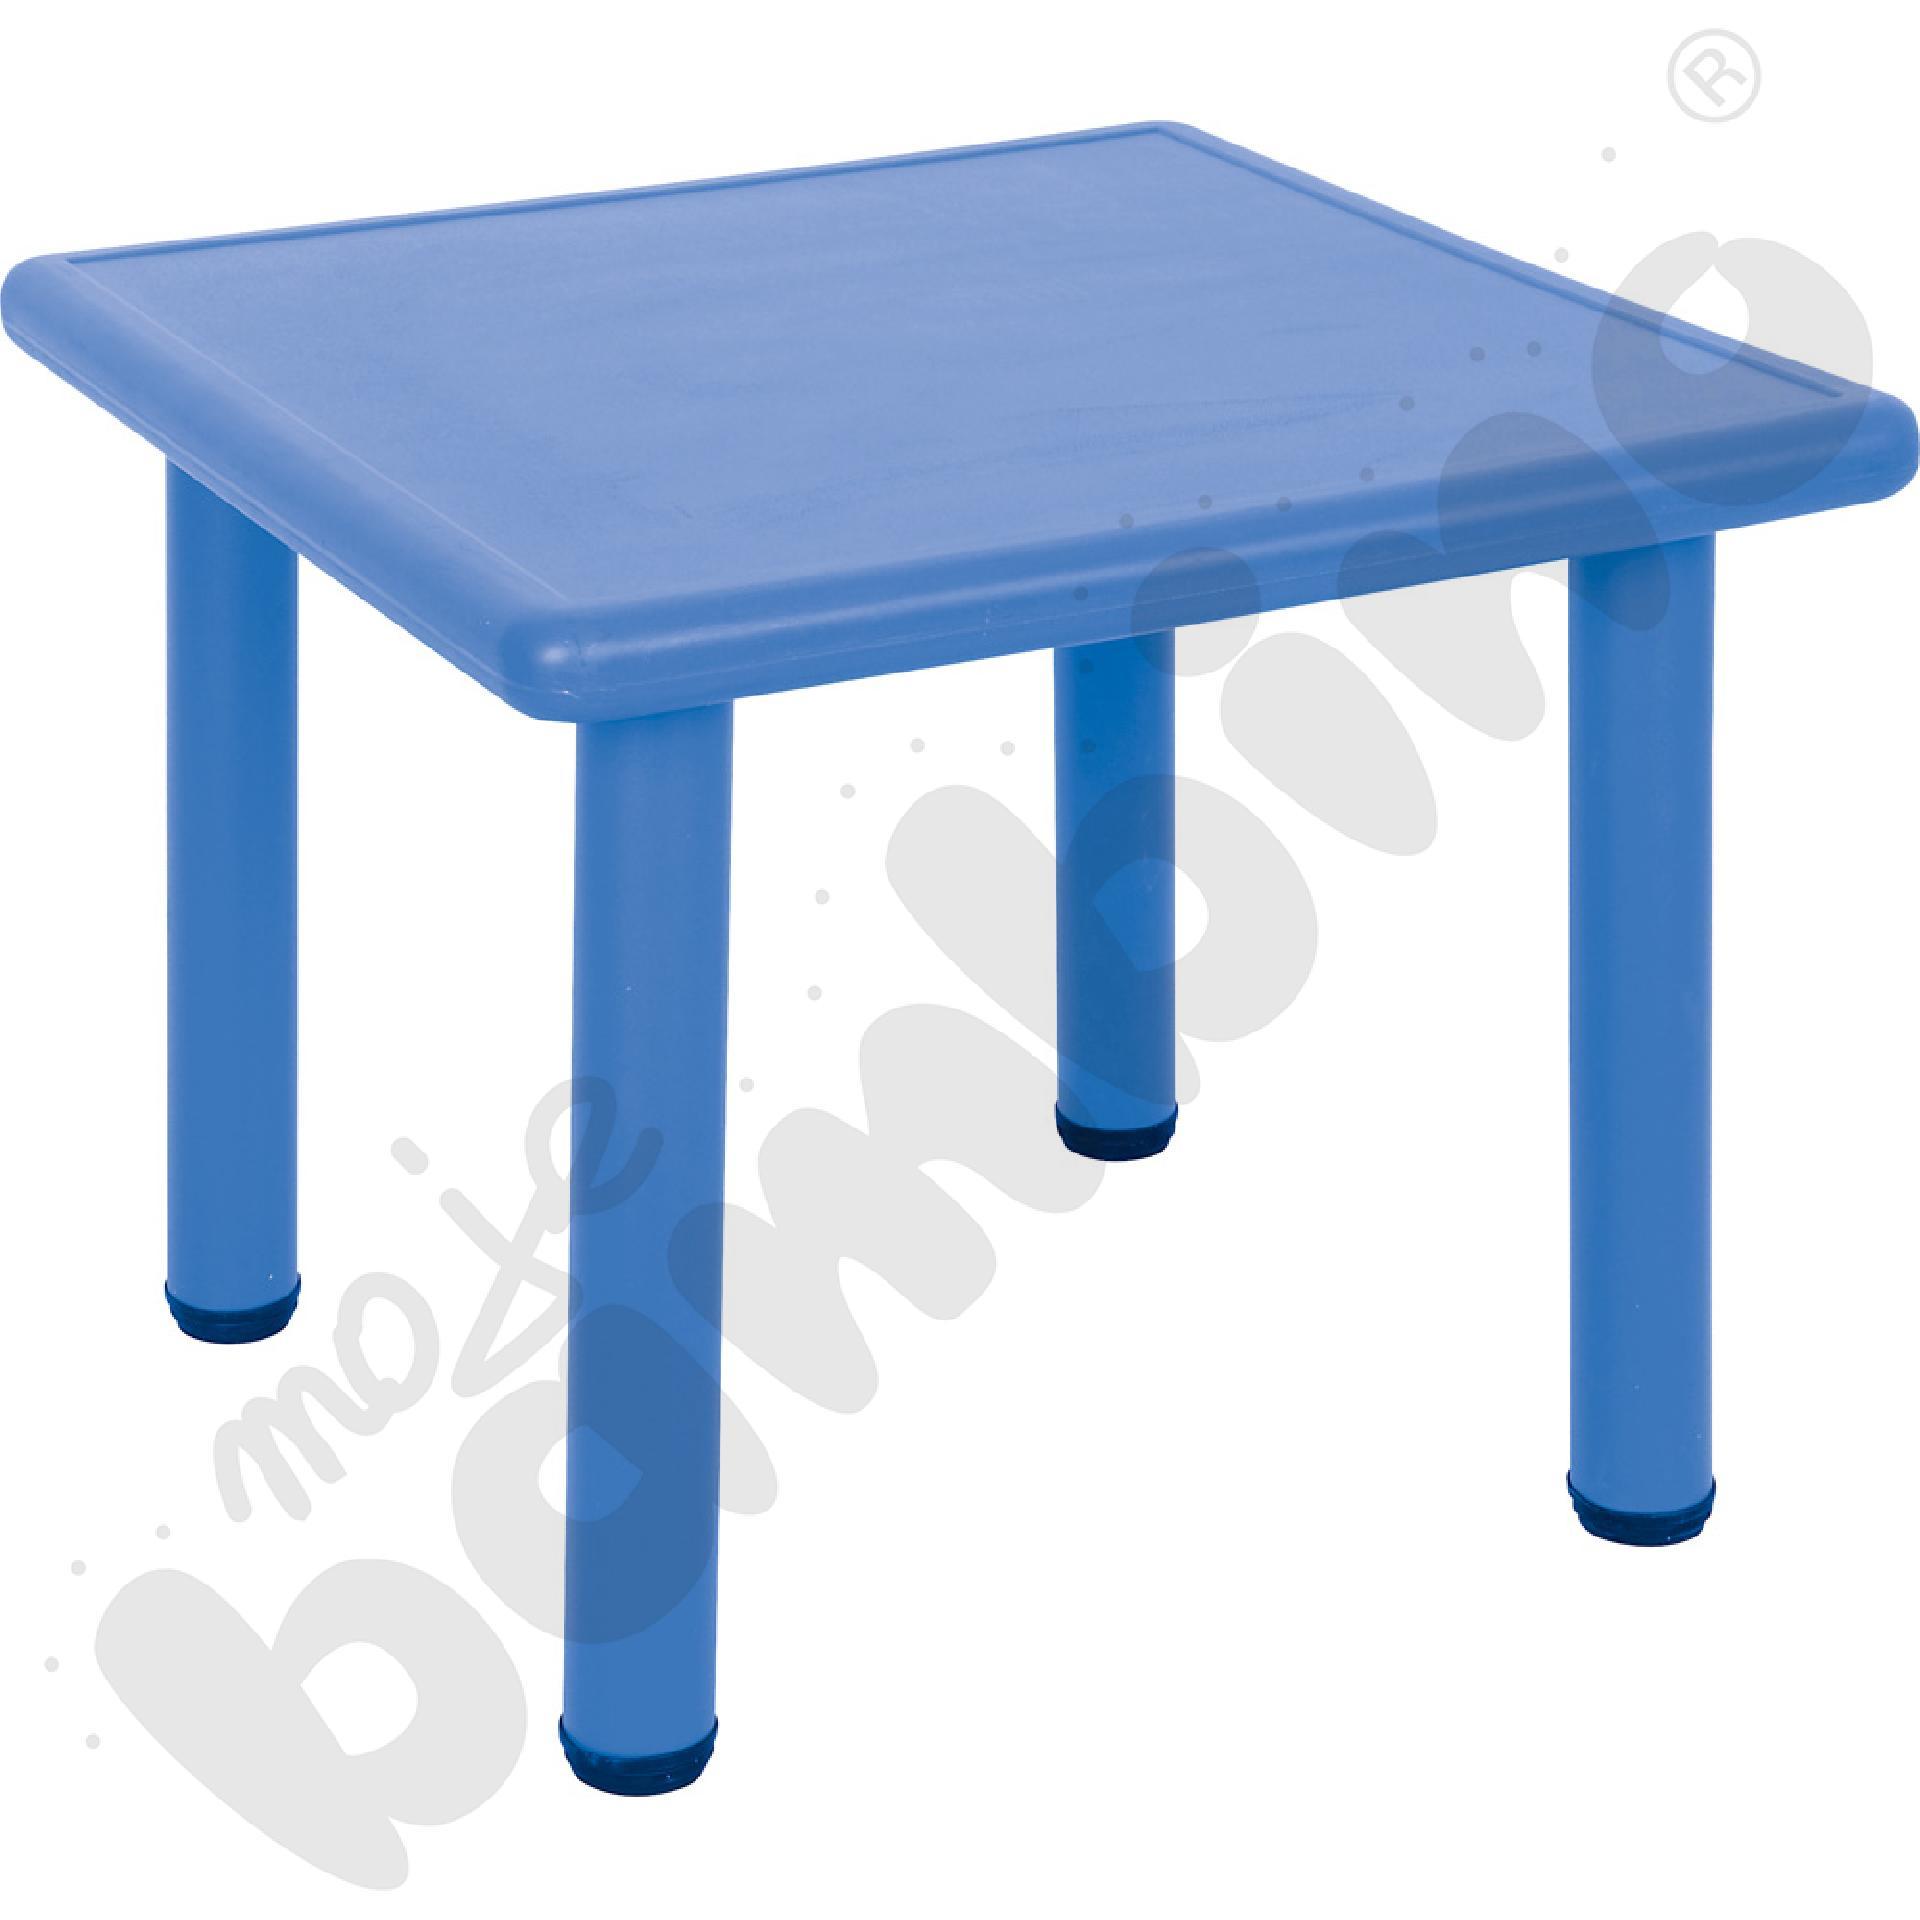 Stół Dumi kwadratowy - niebieski